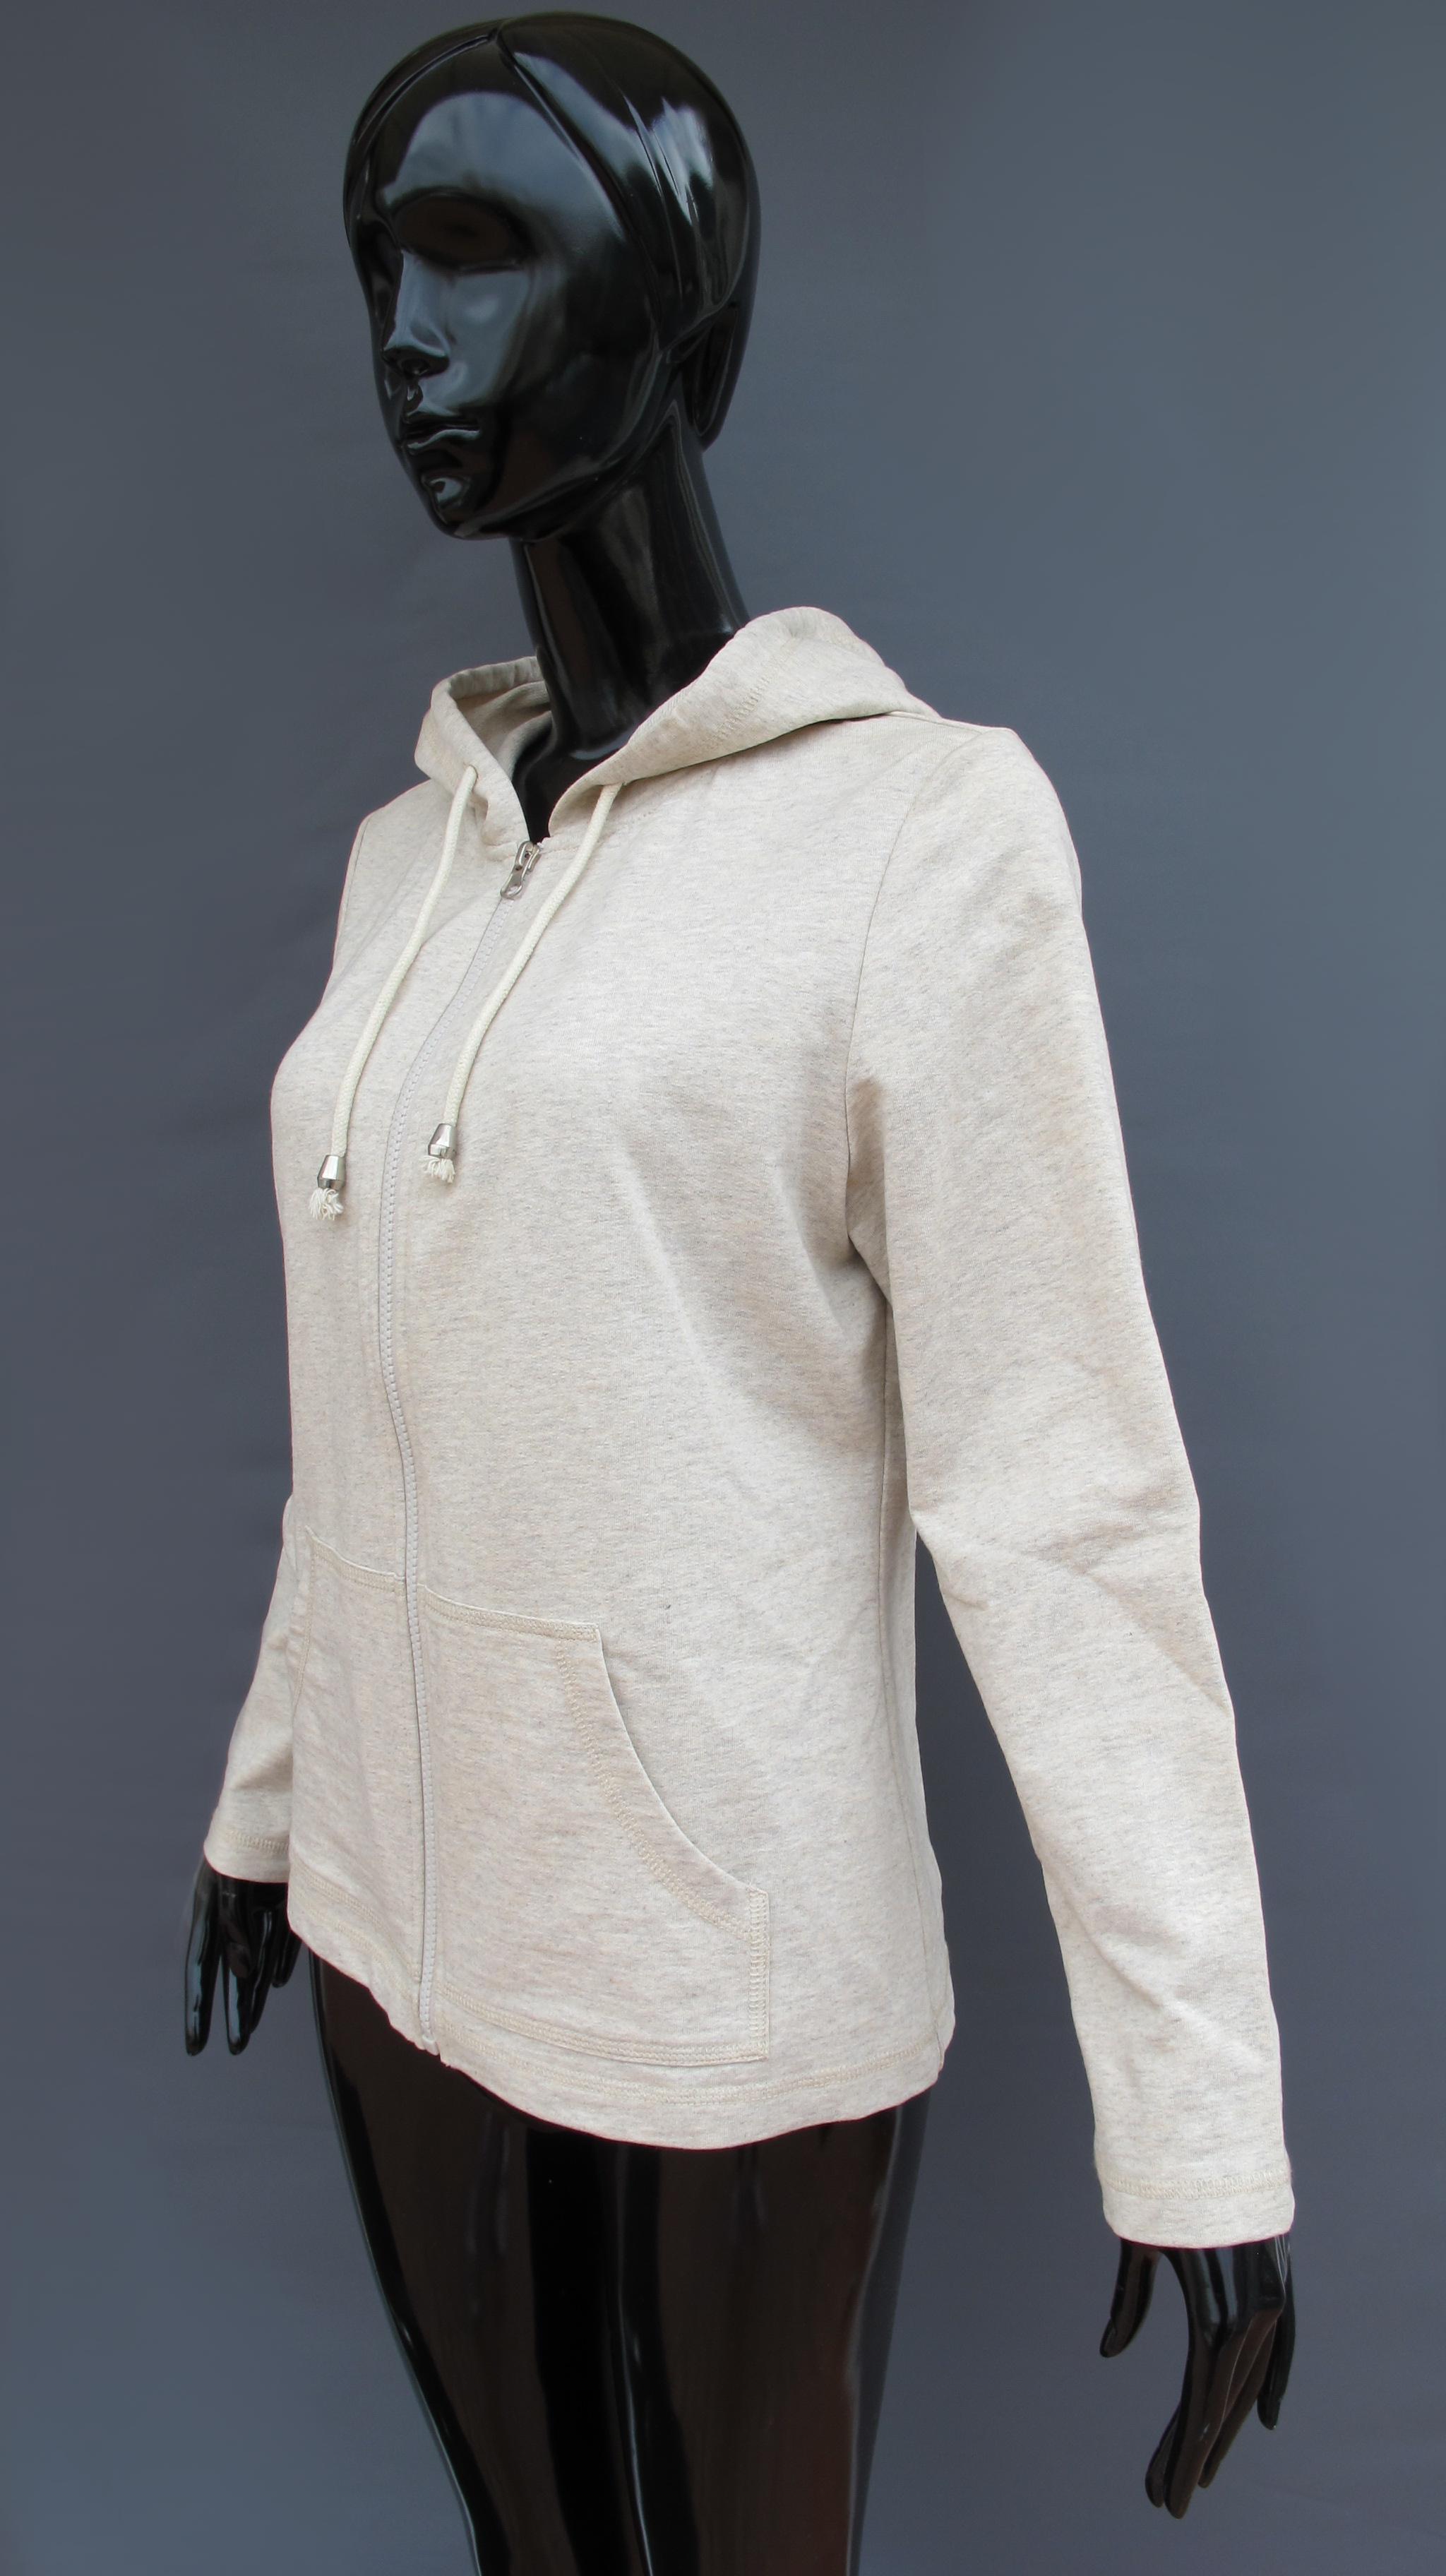 AK EUROPE casualwear